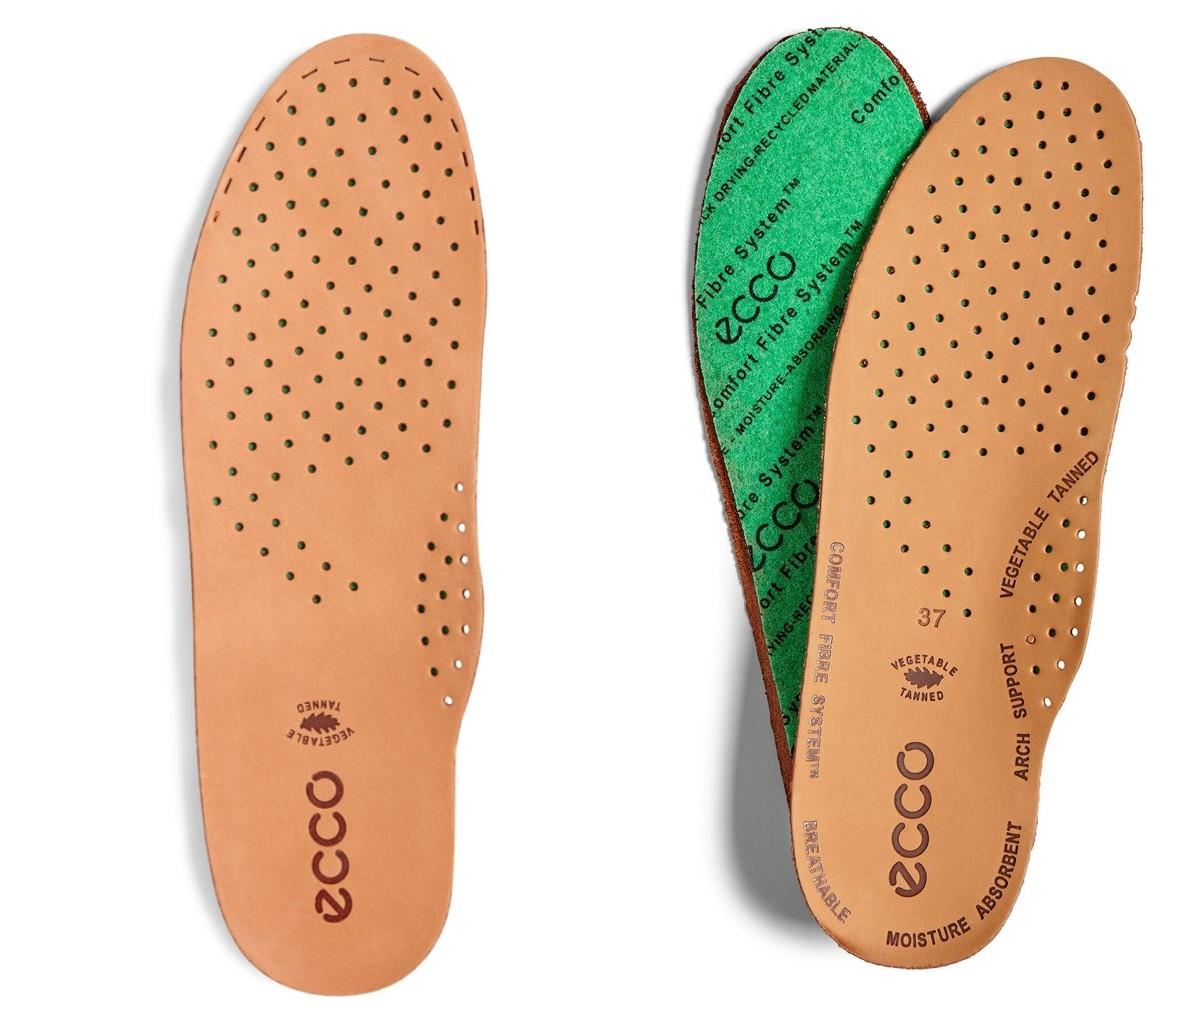 Ecco Leder Einlage * Beratung und Tipps zu diesem Produkt erhalten Sie im Geschäft